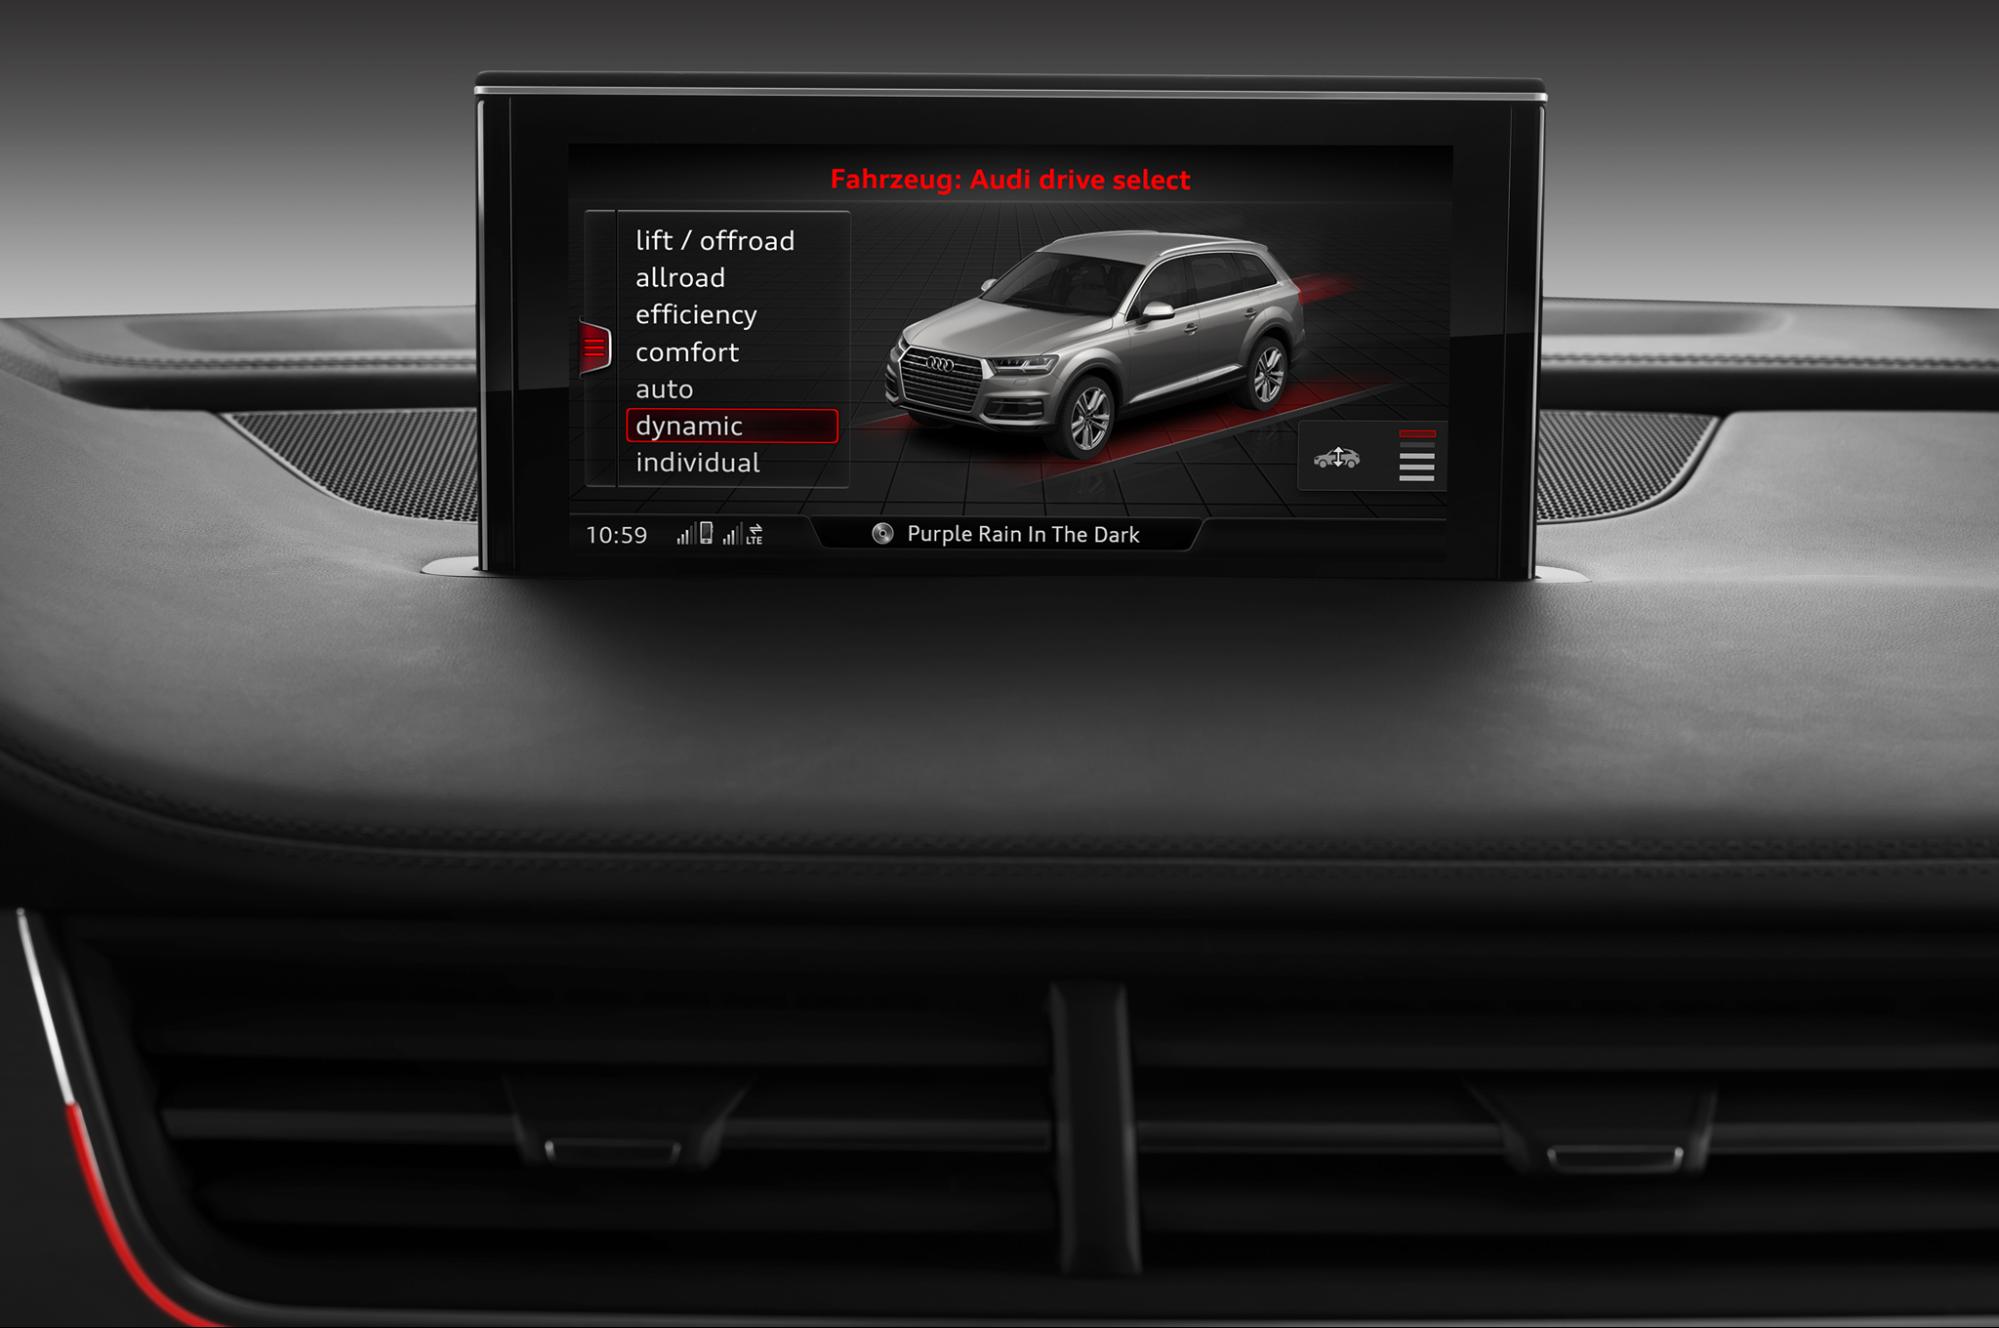 2018 Audi Q7 Drive Select